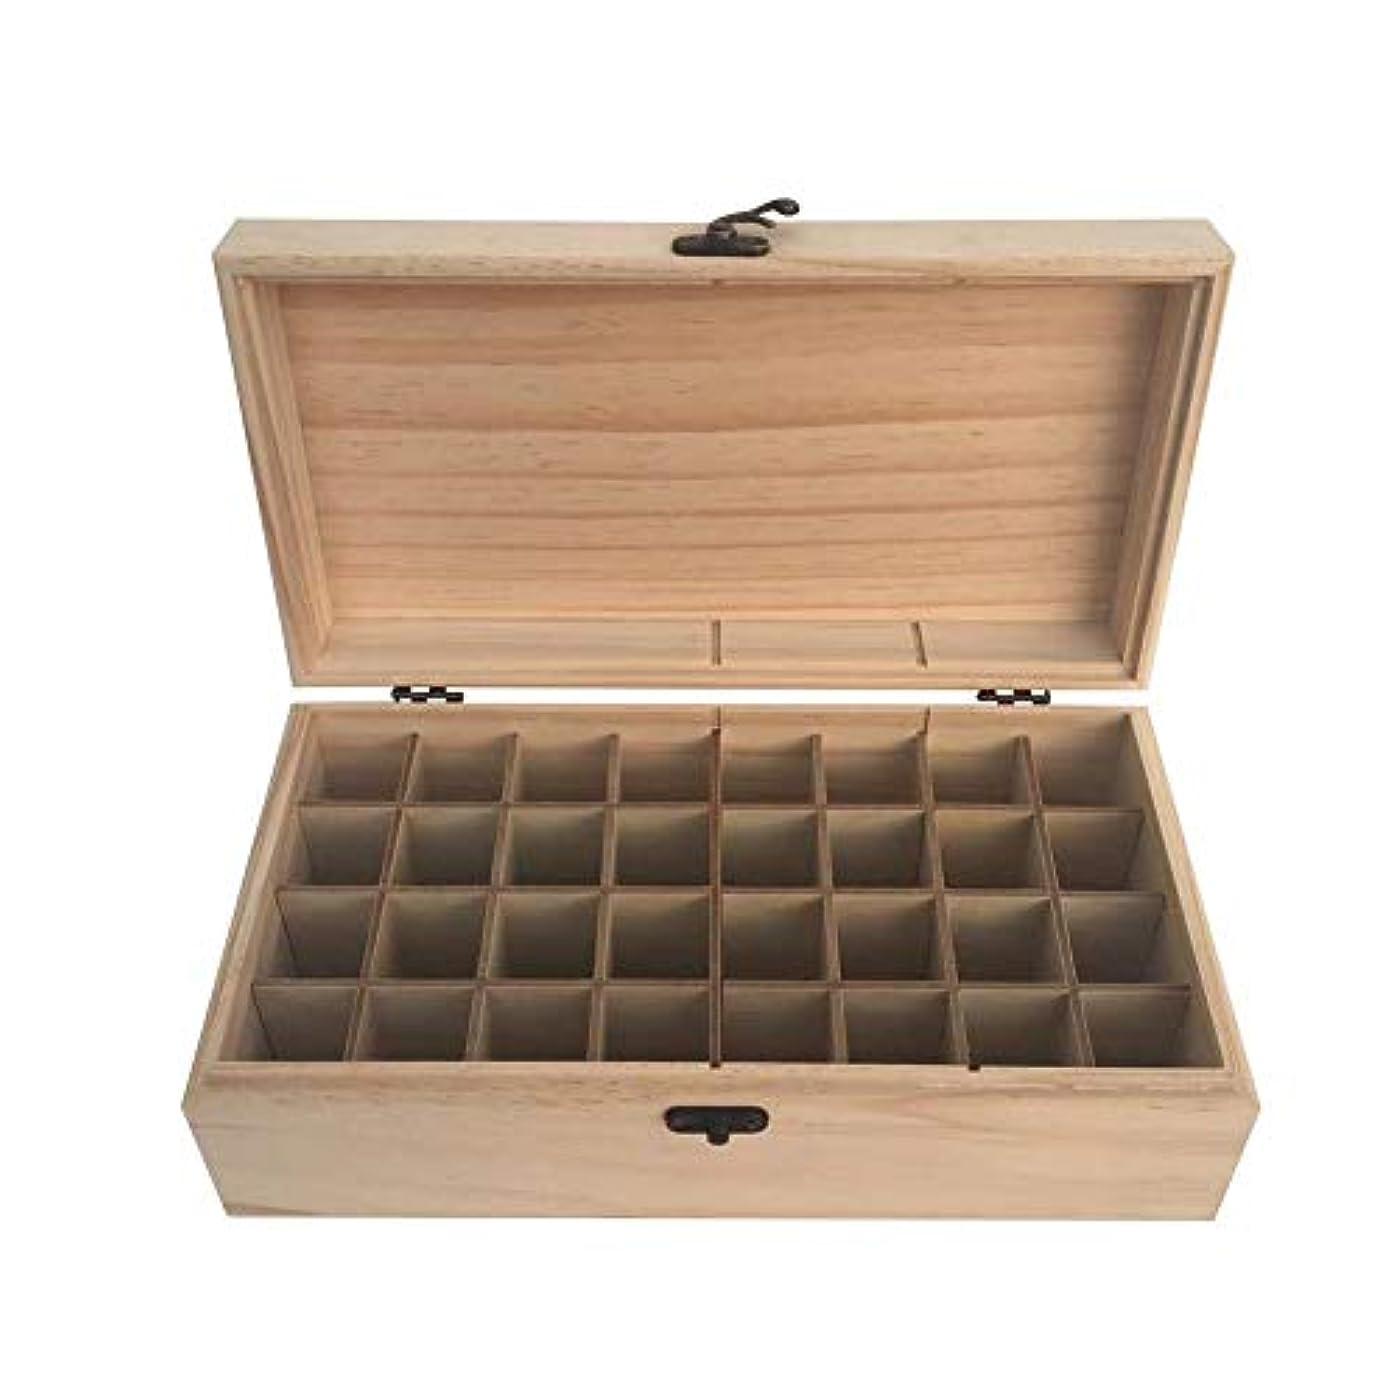 エクスタシー敷居ジャンピングジャックエッセンシャルオイル収納ボックス 精油収納ケース 大容量 32本収納可能 取り外し可能 木製 環境に優しい 5ml~15mlの精油ボルトに対応 junexi